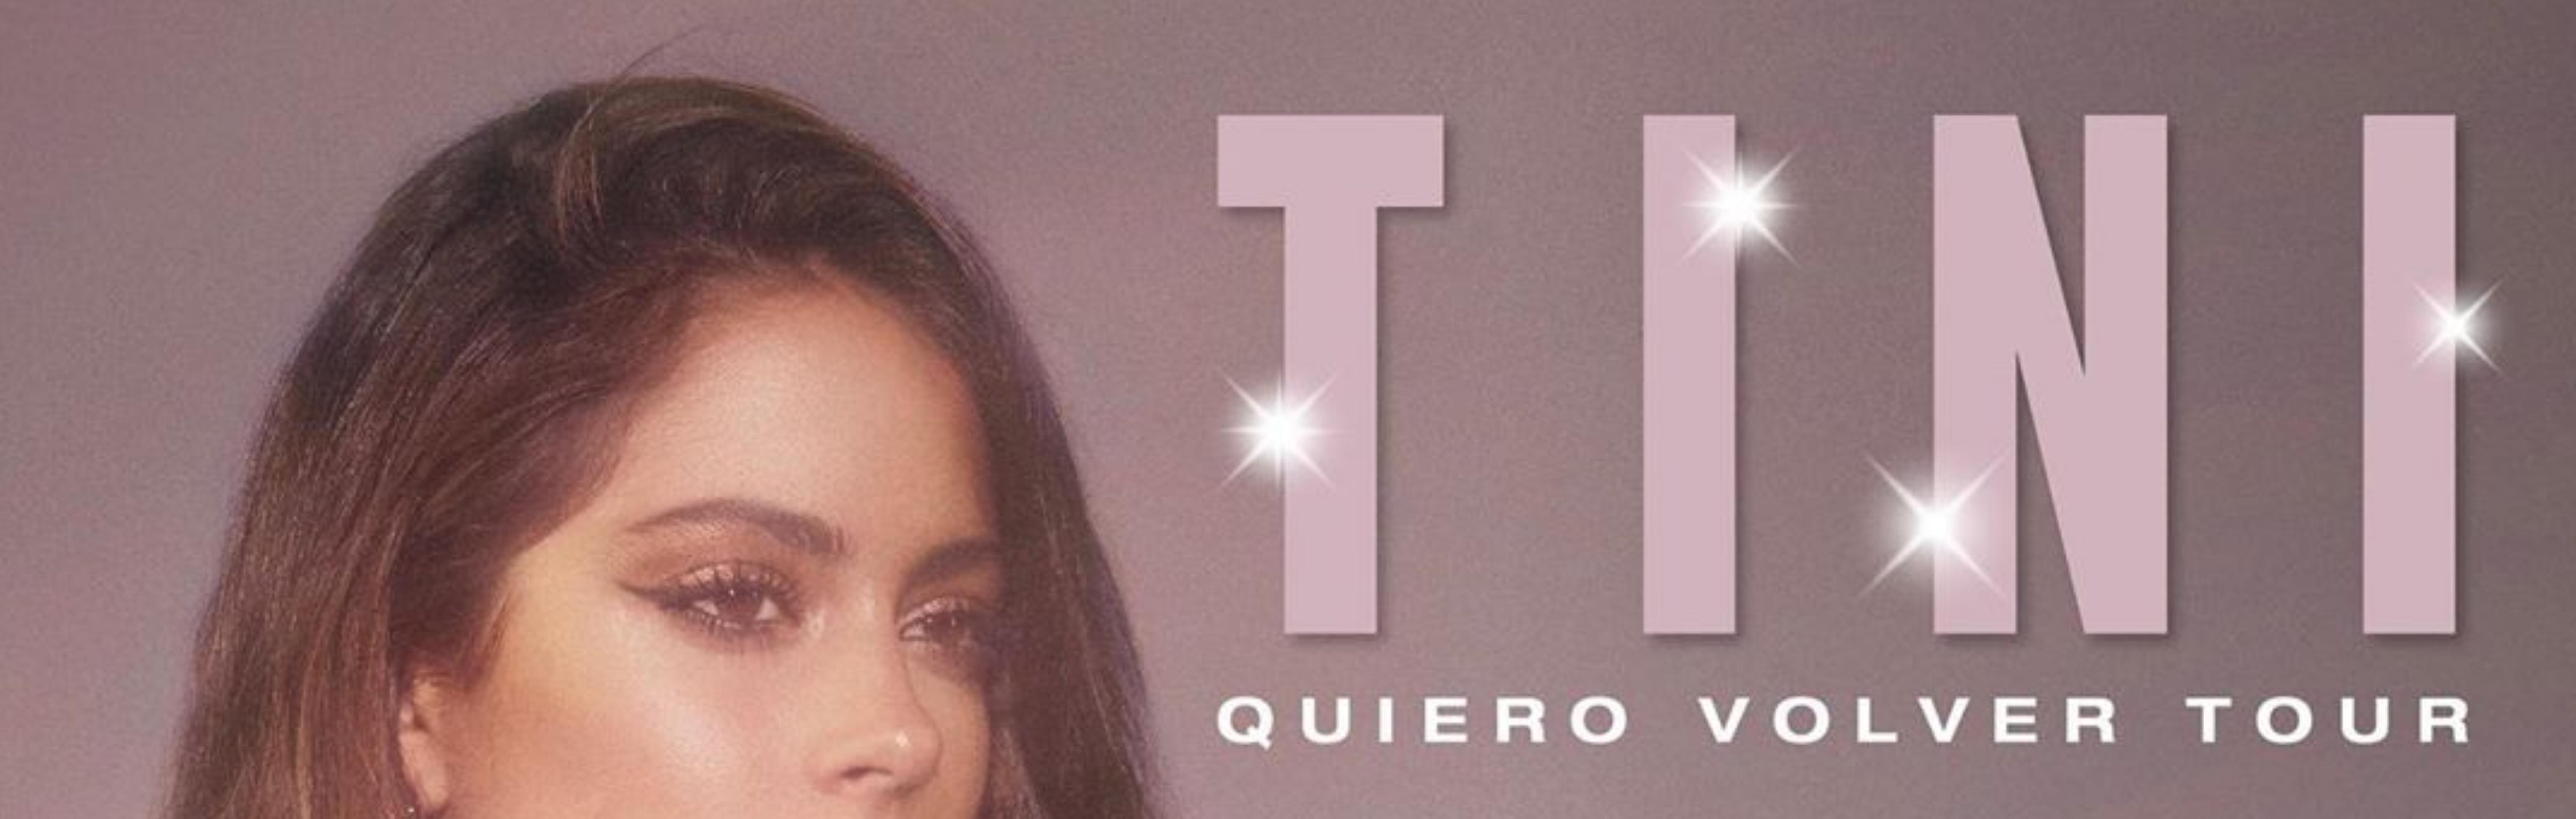 Quiero Volver Tour : Photos Promotionnelles